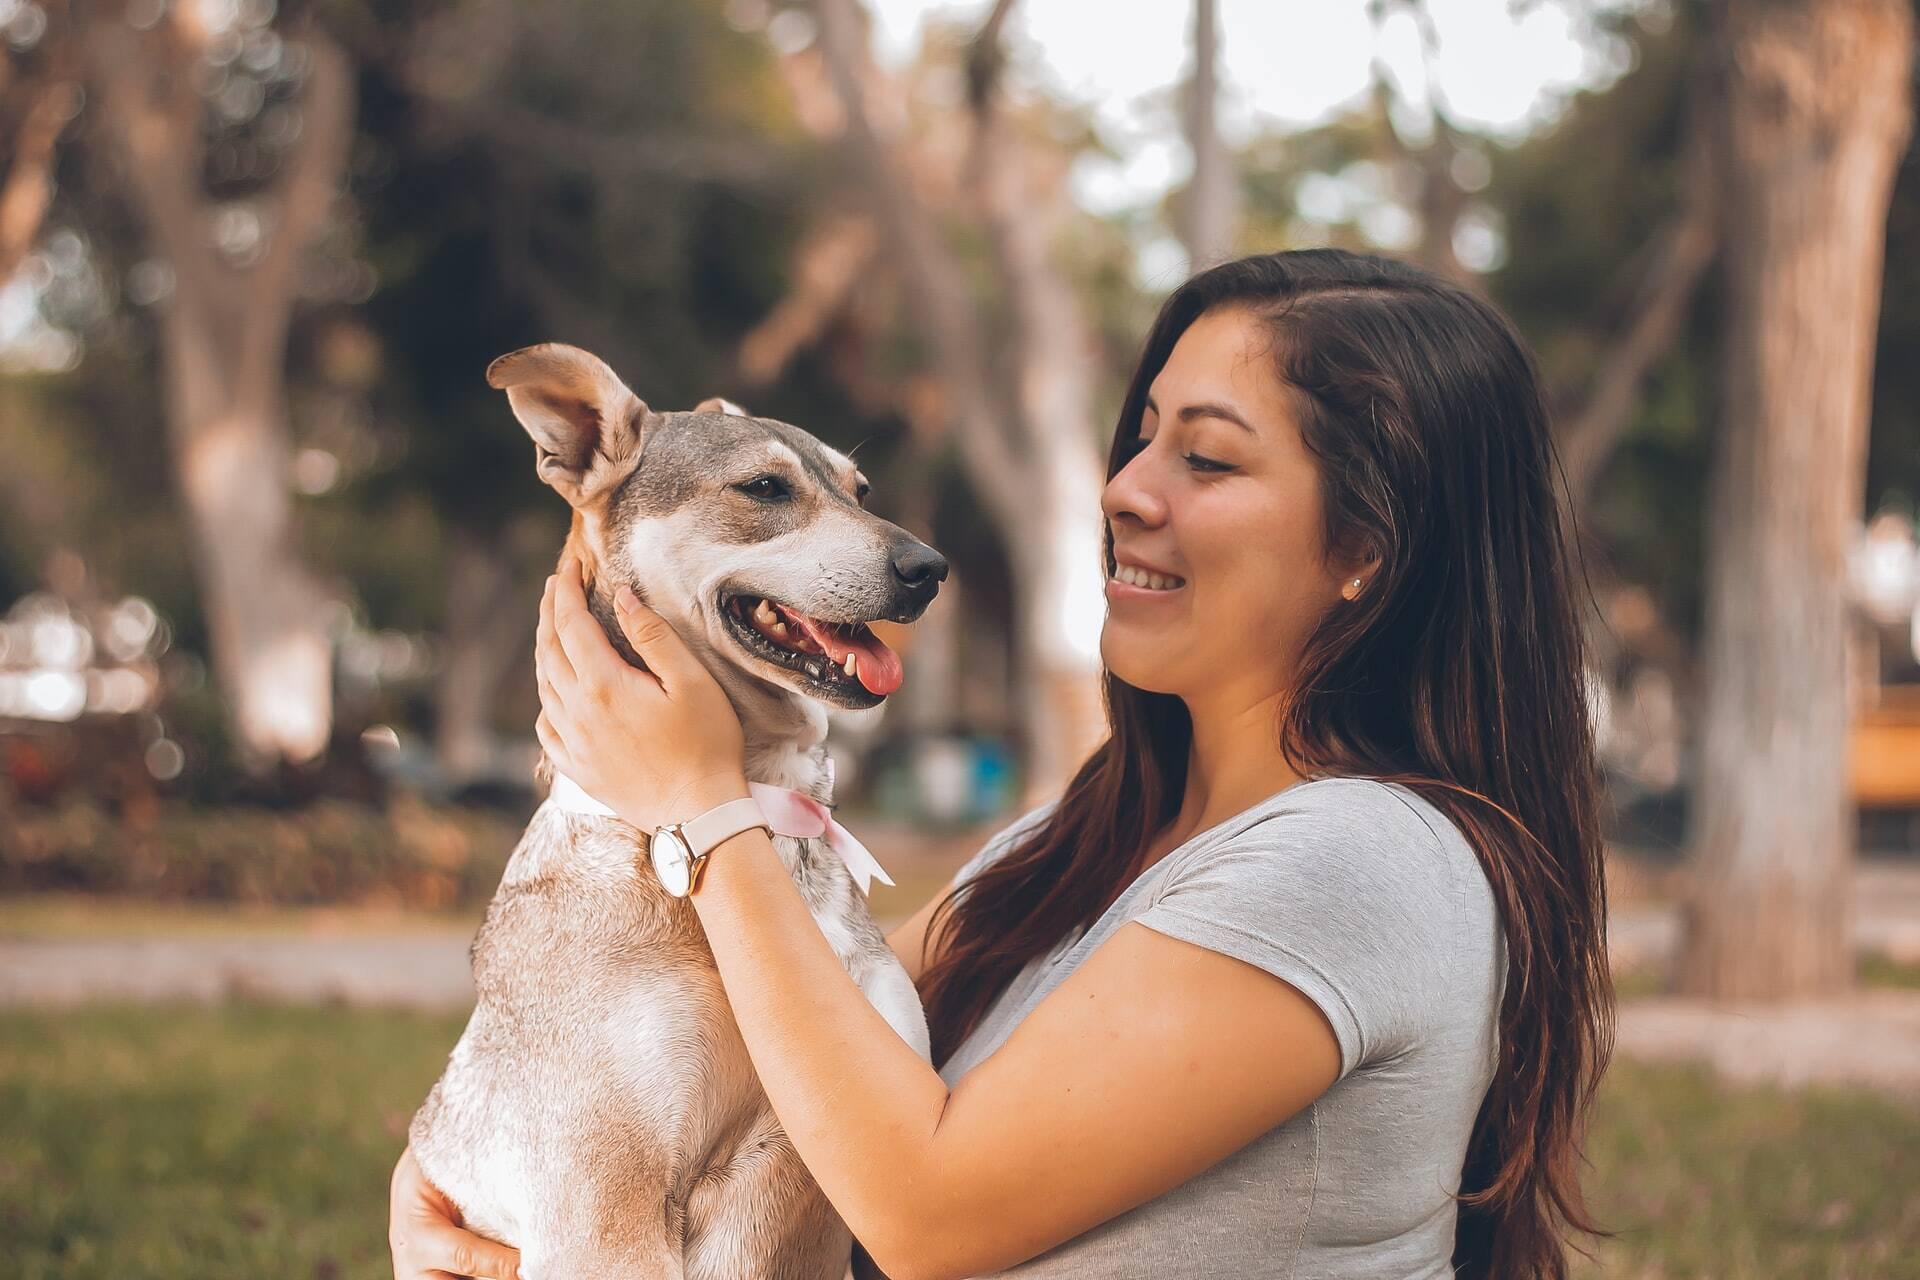 Novo podcast da PremieRpet ajuda na guarda responsável de cães e gatos